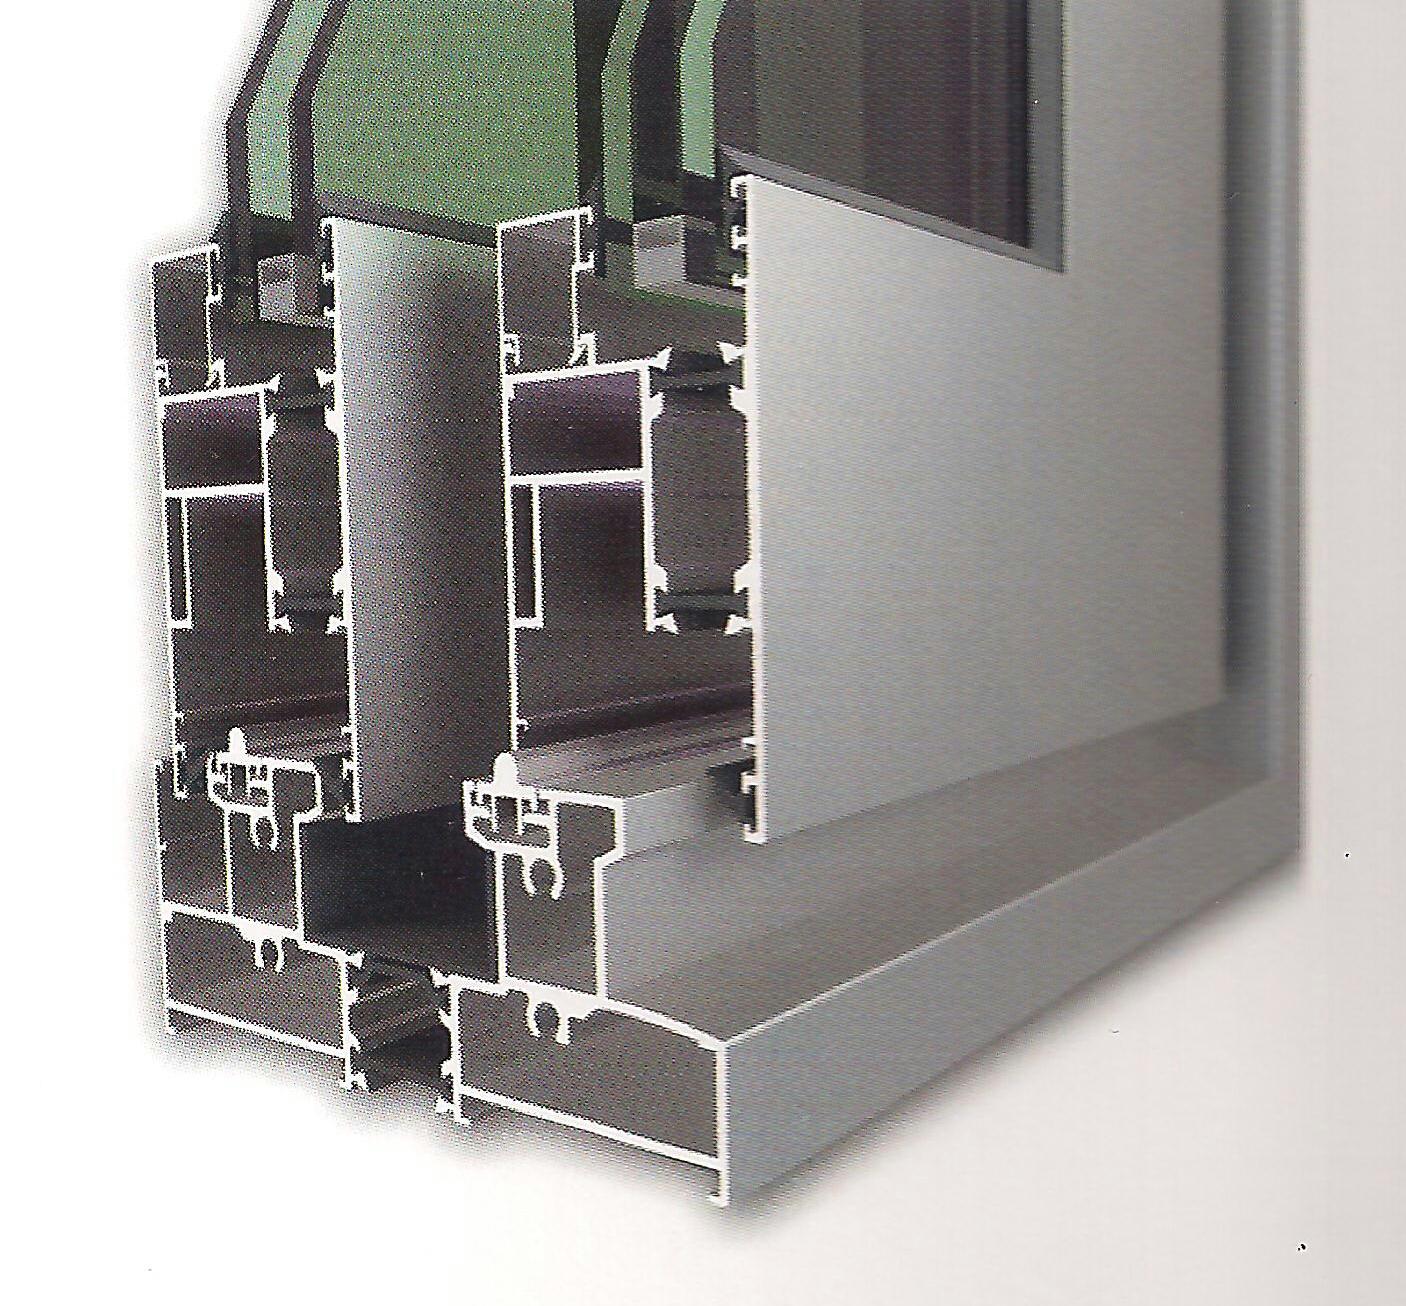 Serie corredera gama premium matra 135 rpt de alugom por for Perfiles de aluminio barcelona